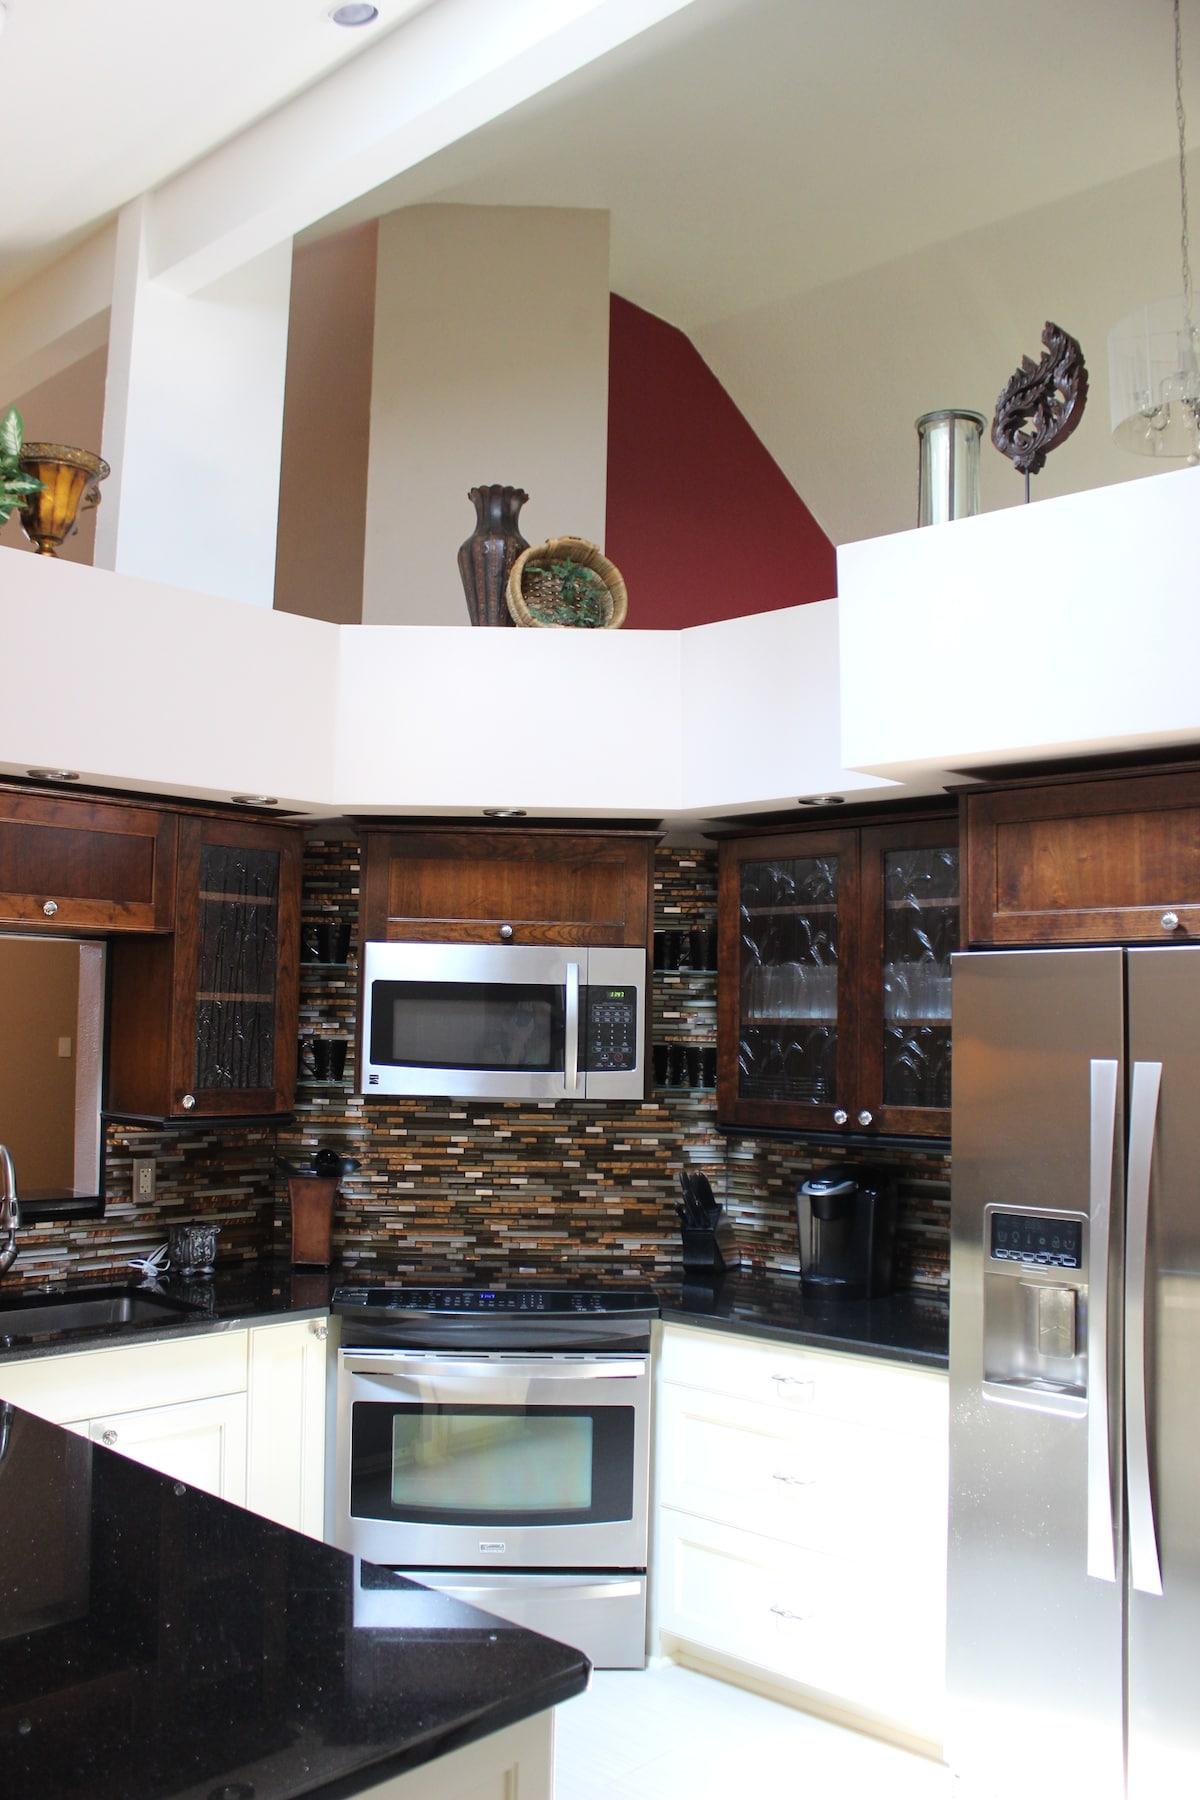 Beautifully updated kitchen.